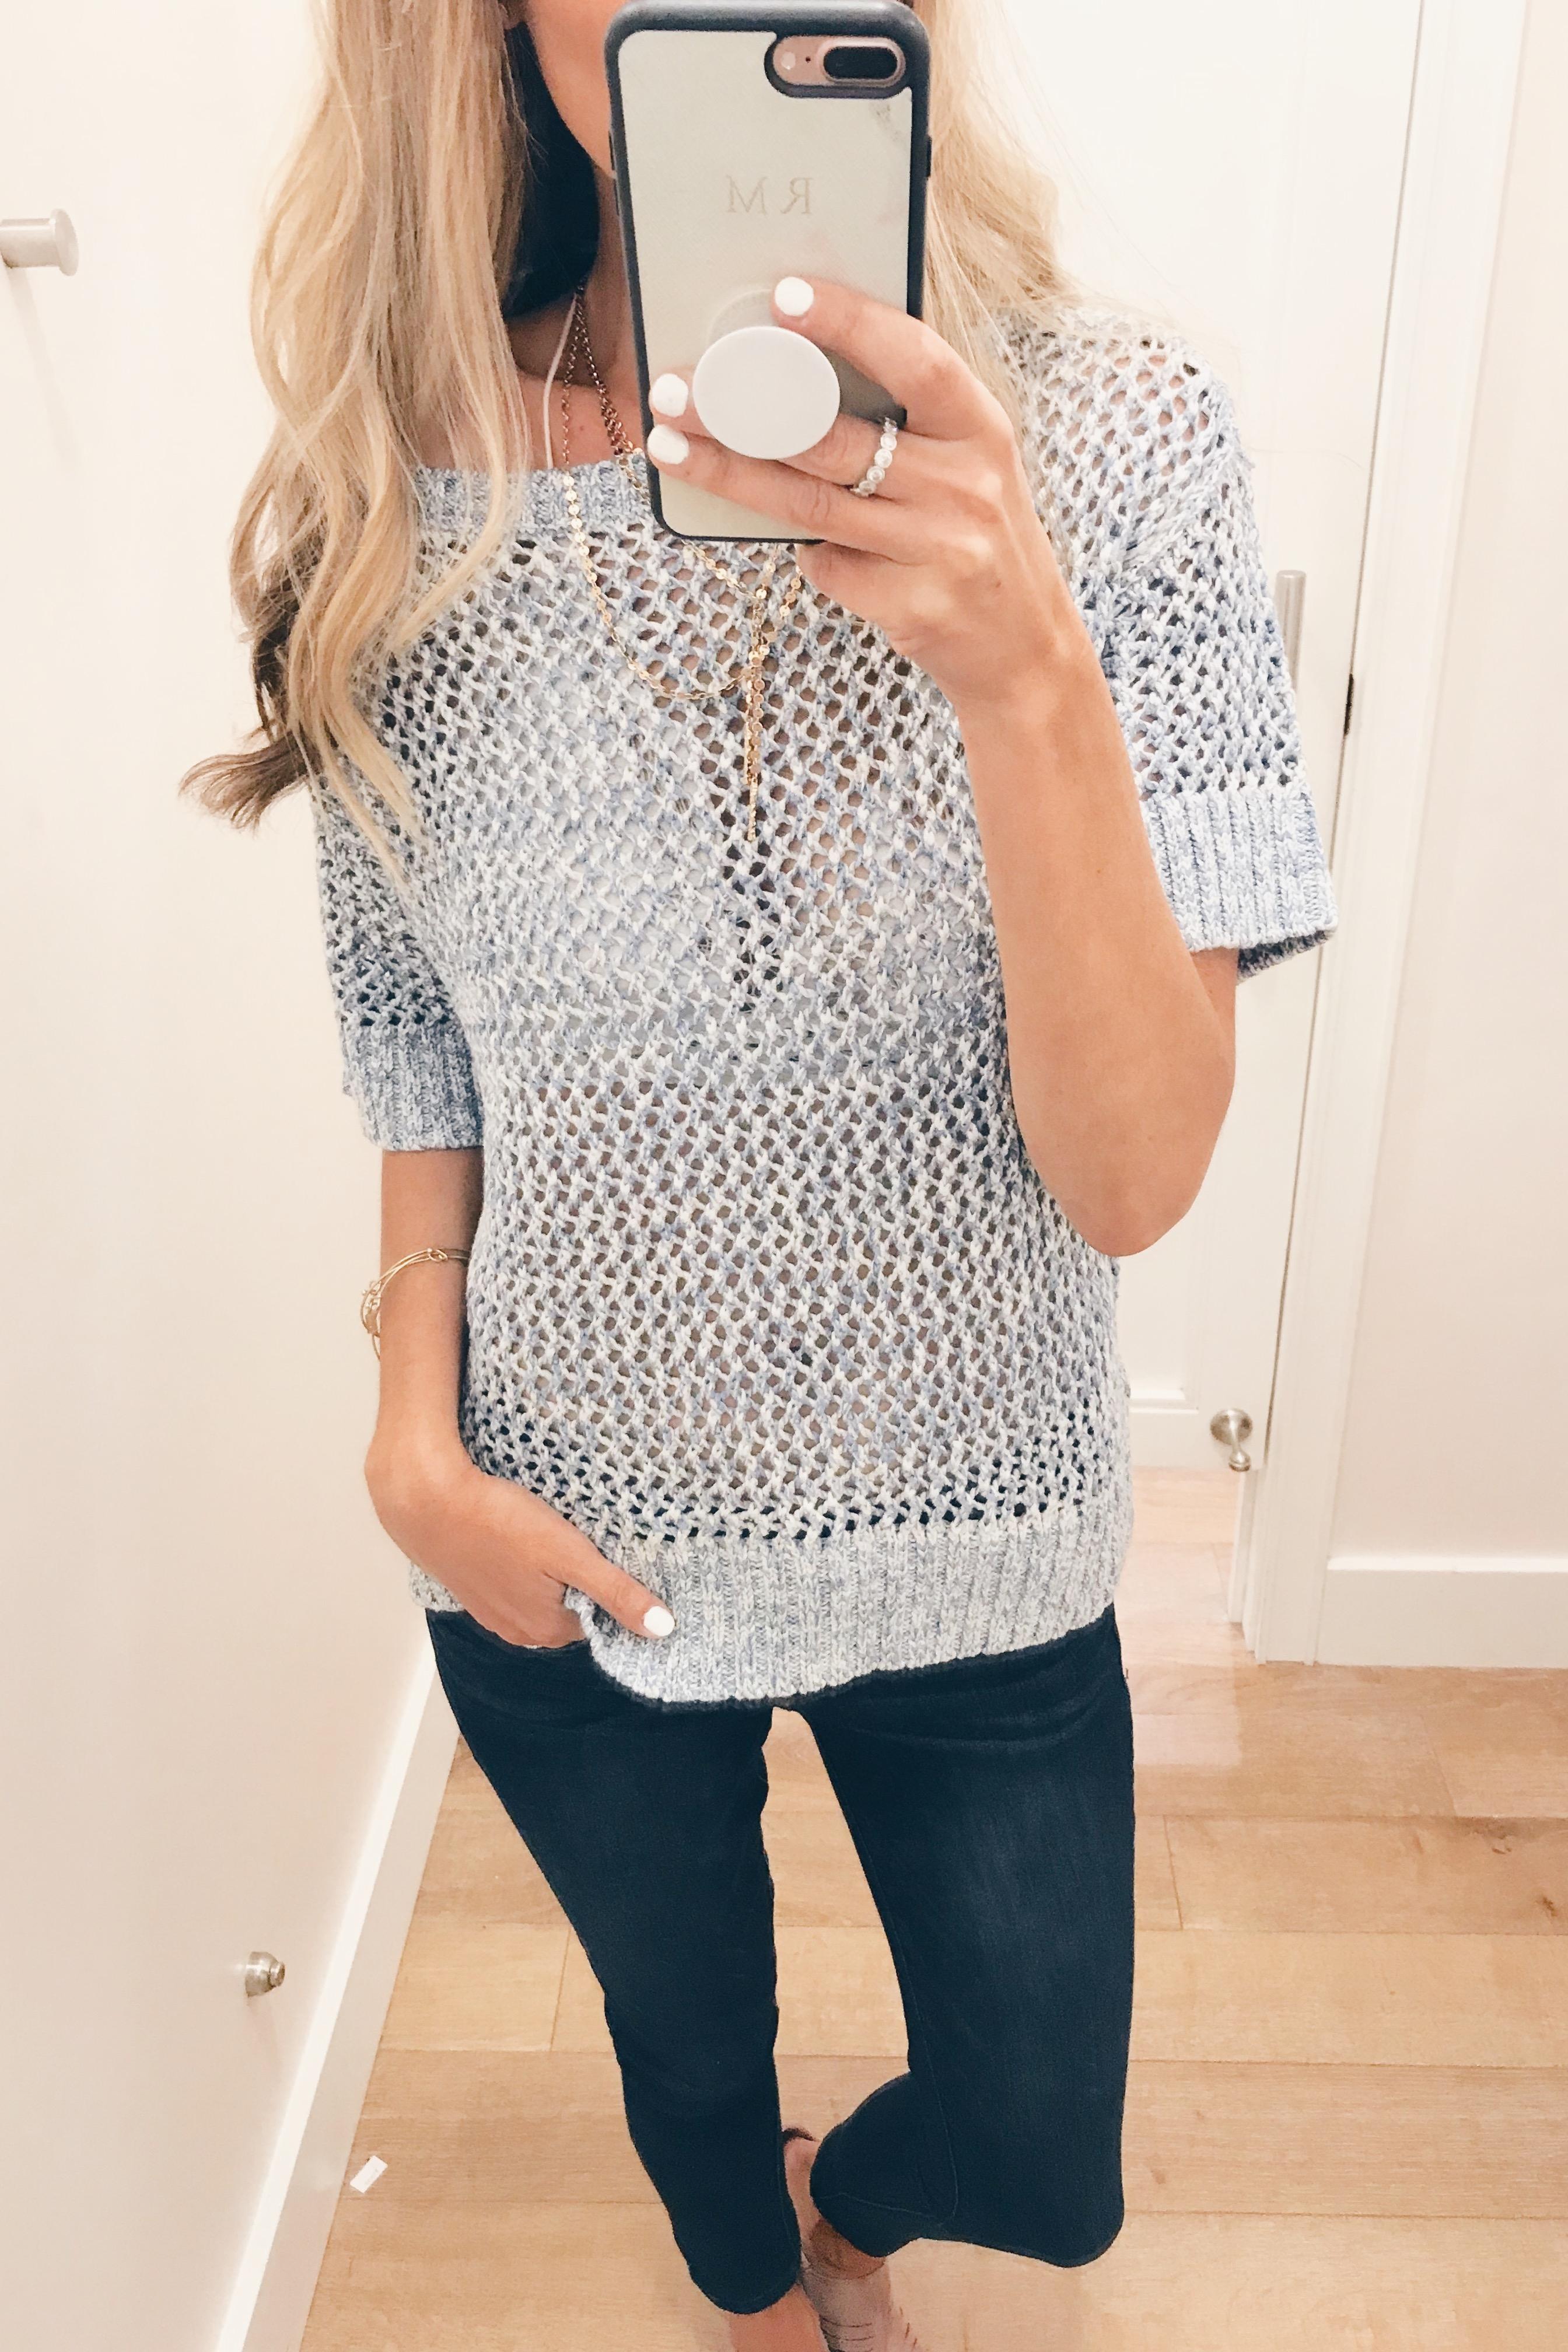 LOFT July 2018 Sale - Short Sleeve Sweater